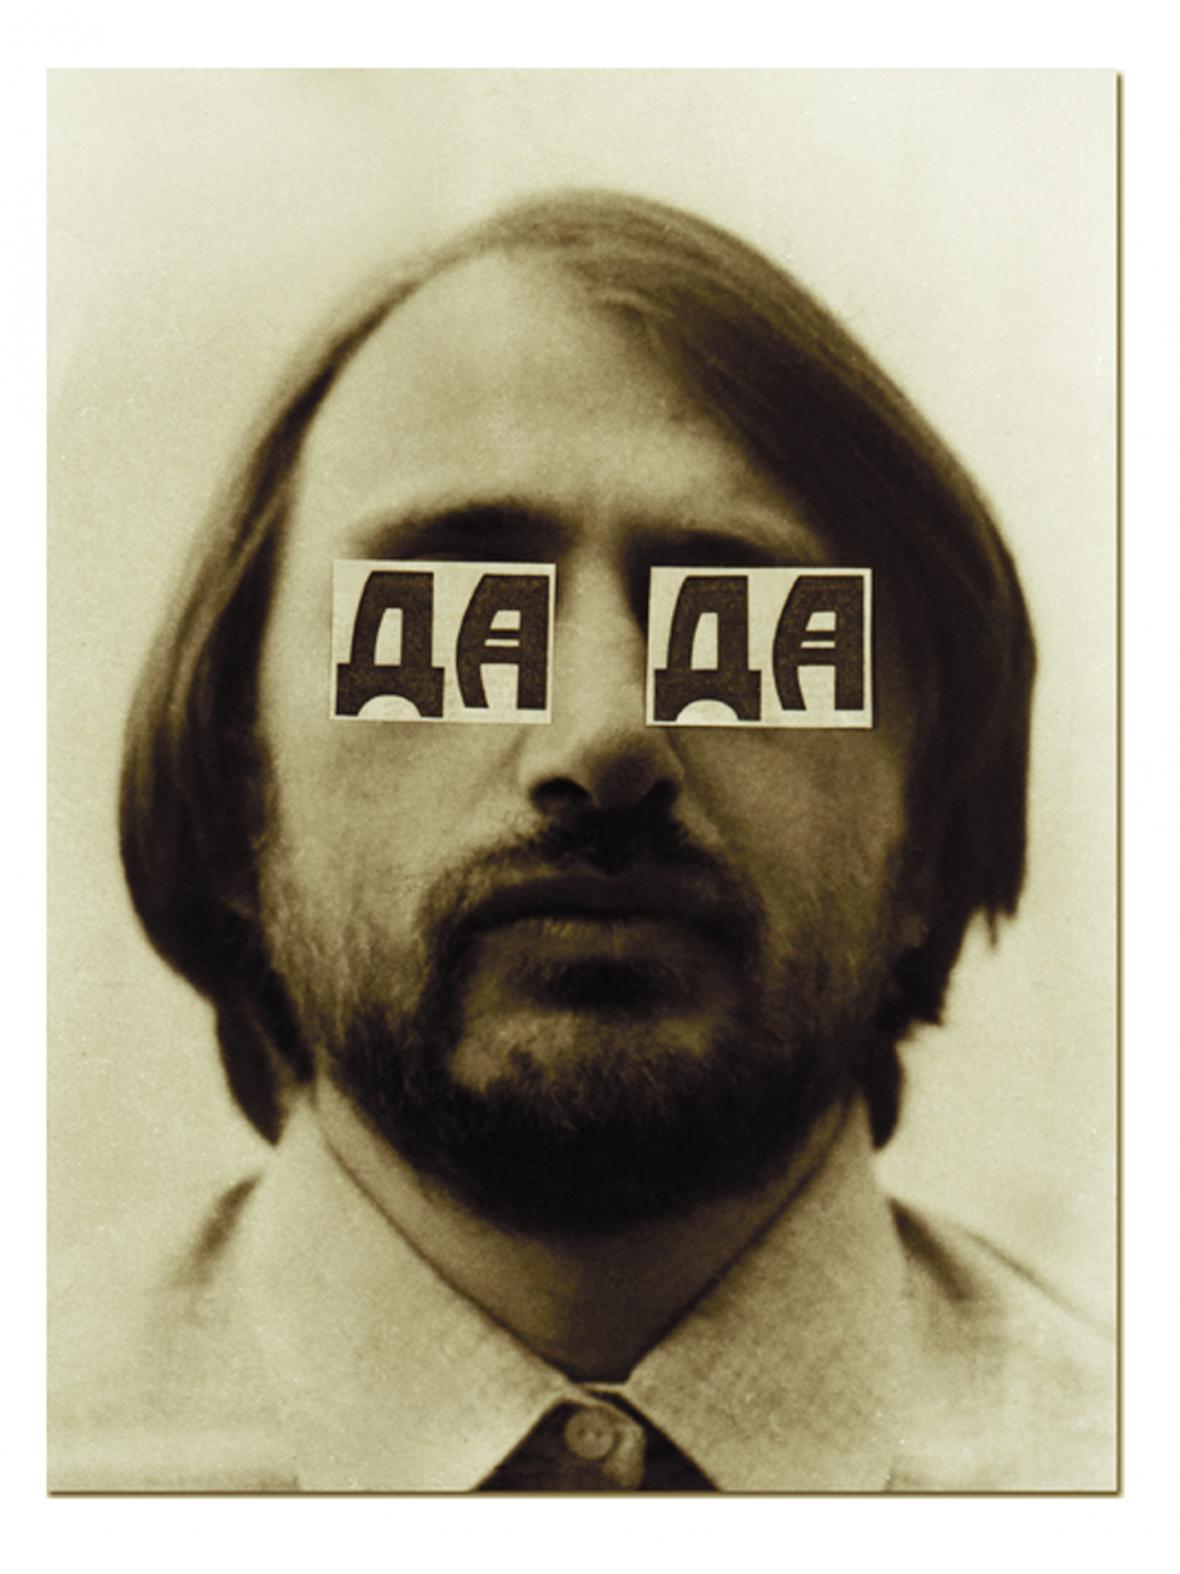 Peter Rónai, Moscow Da-Da, 1986